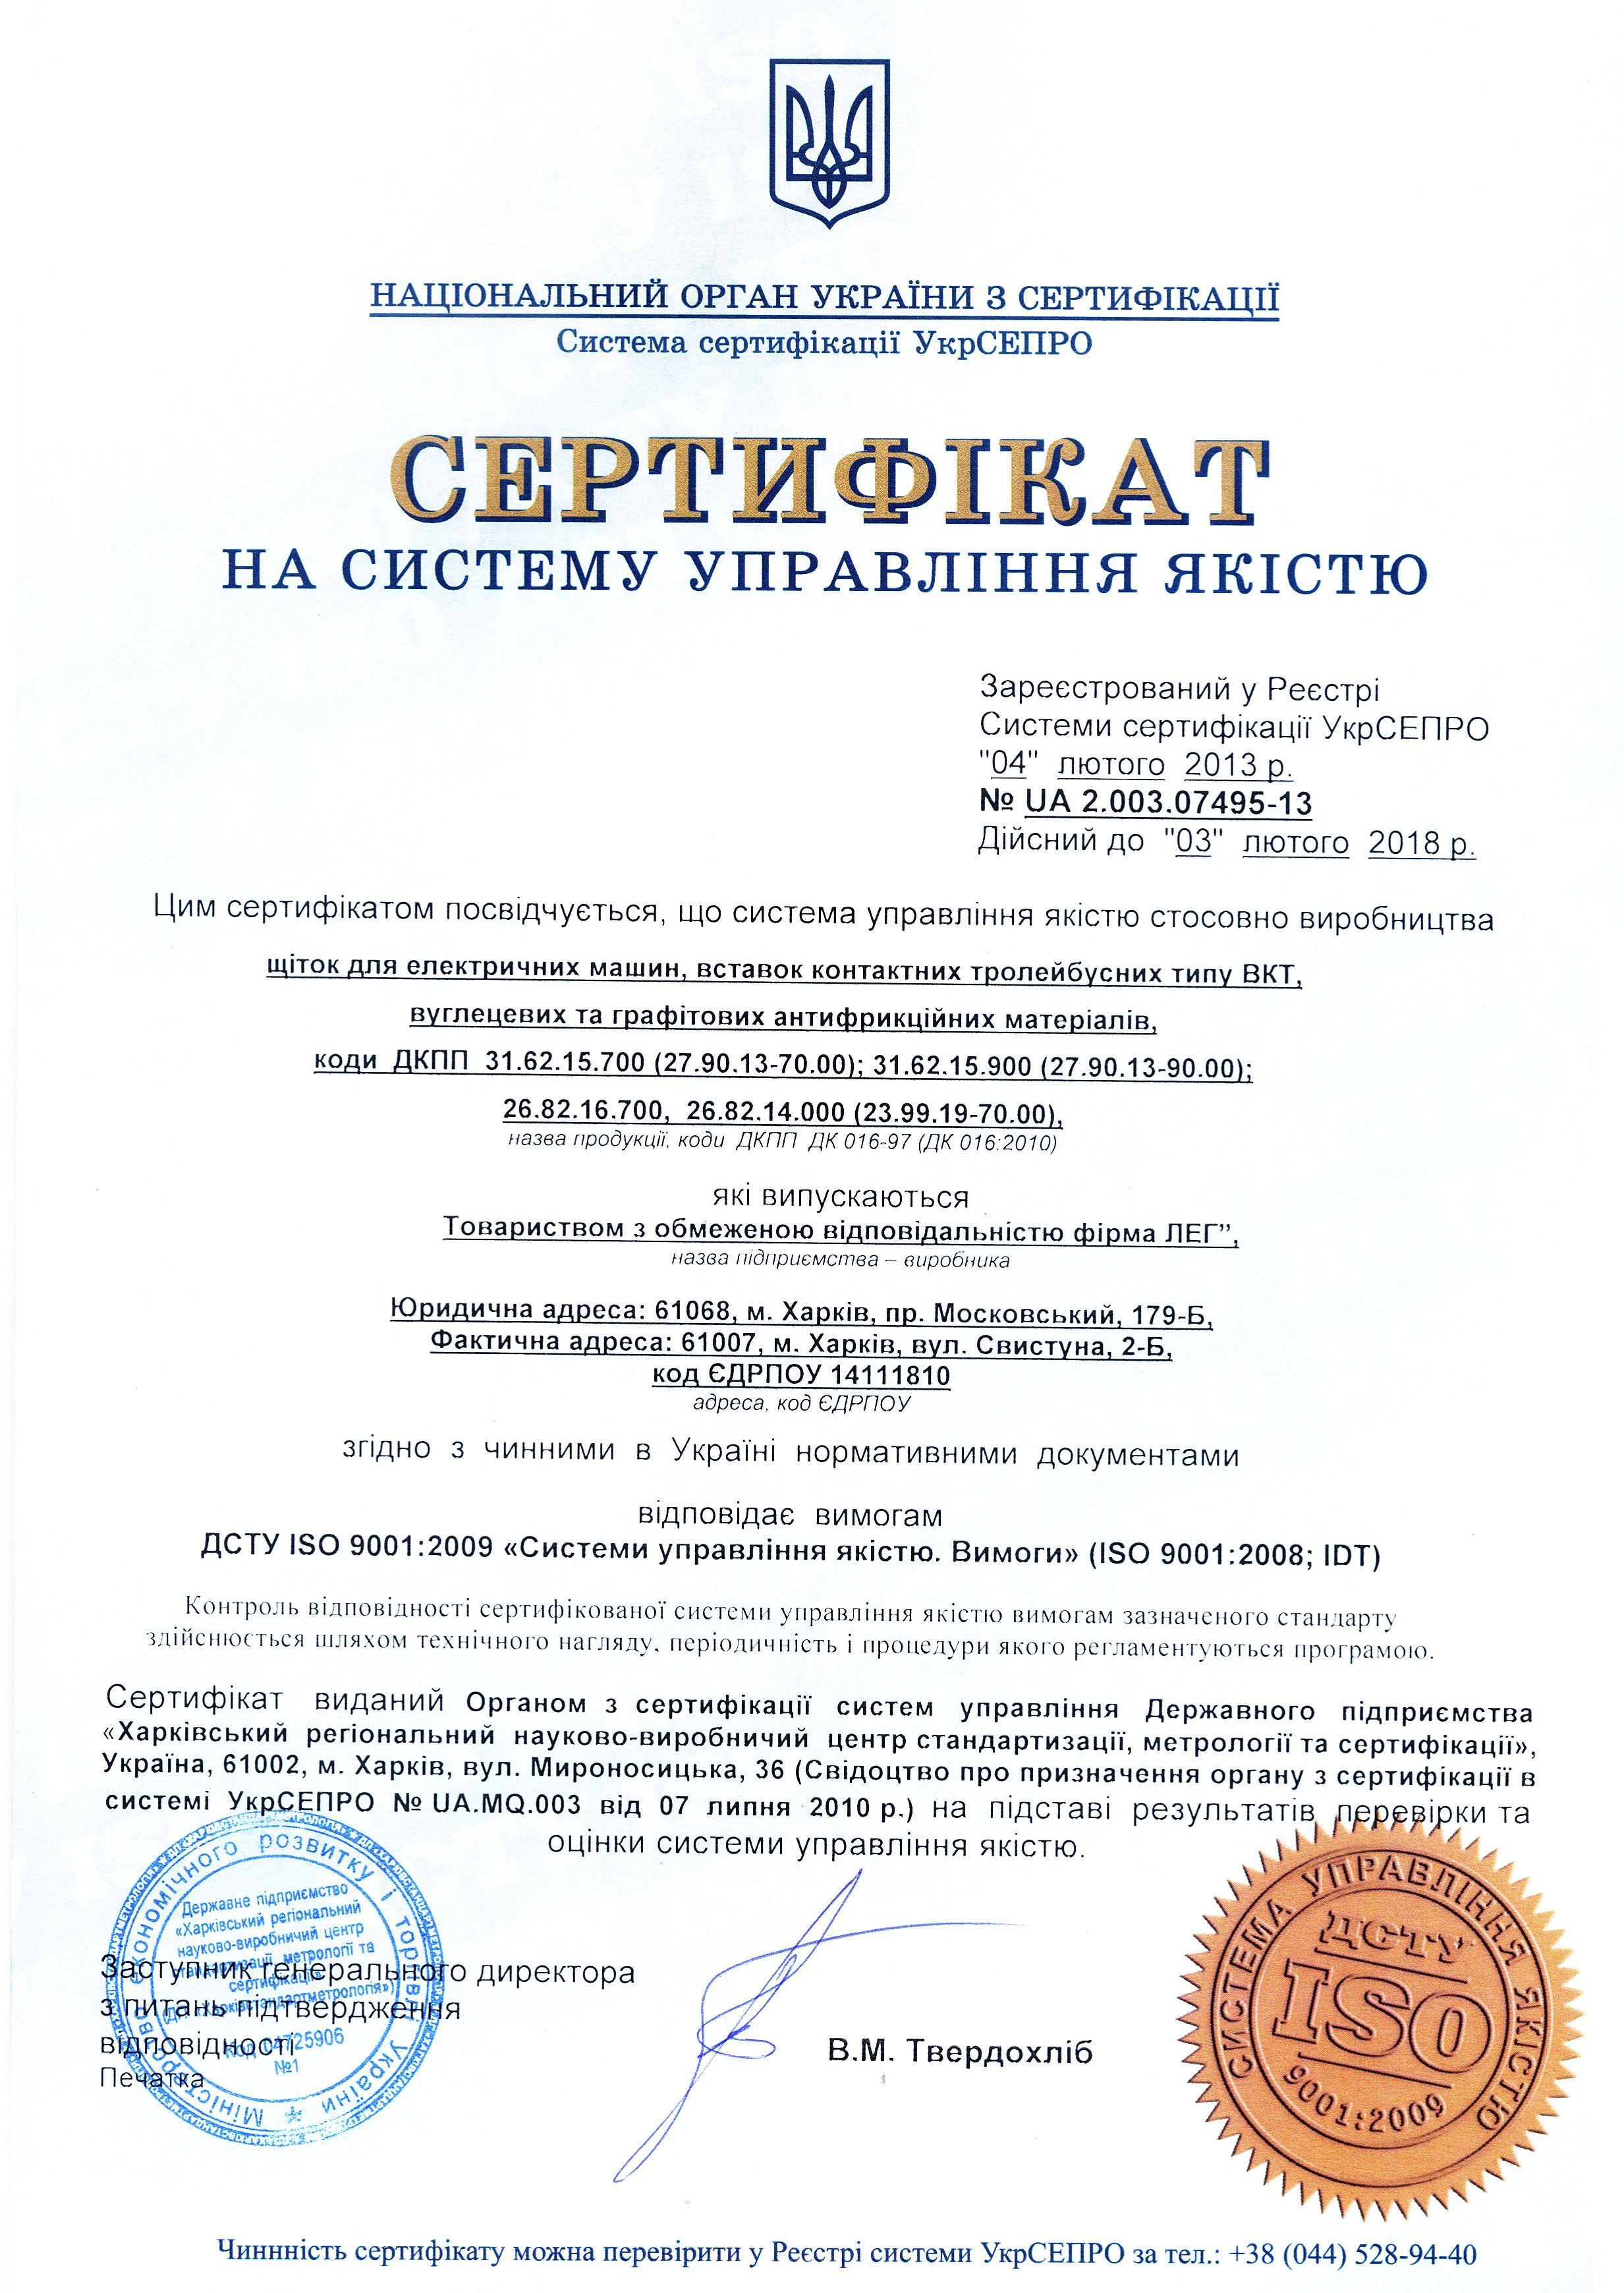 Сертифікат якості на відповідність міжнародному стандарту ISO 9001 ТОВ фірми «ЛЕГ»